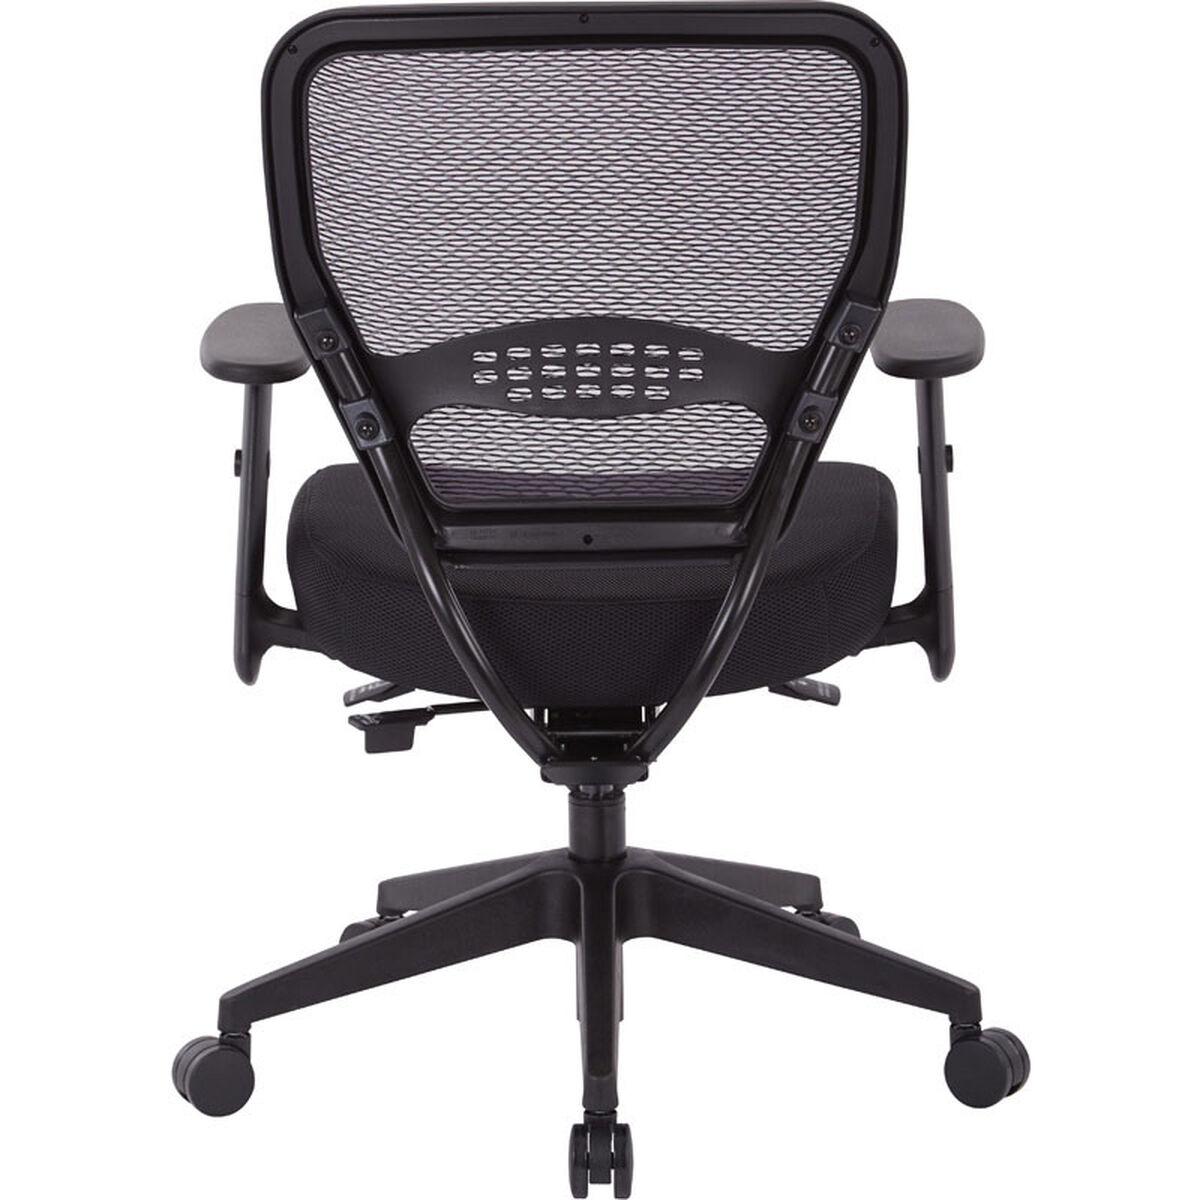 air grid black office chair 5500sl churchchairs4less com